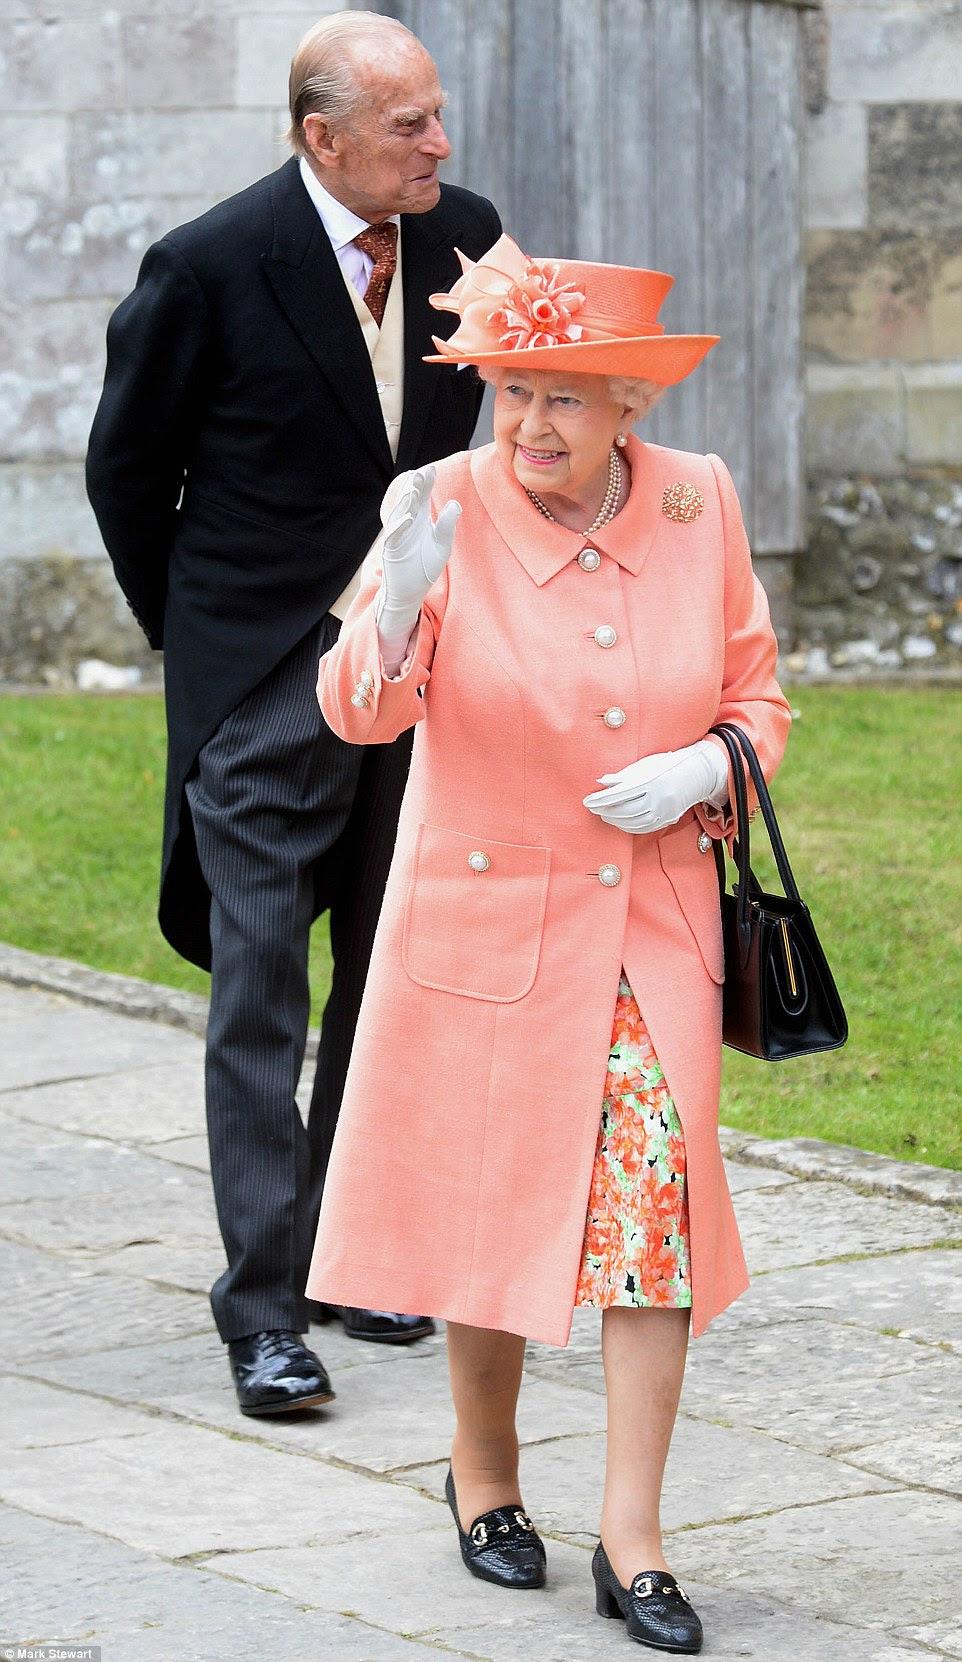 Th rainha, usando um vestido floral do pêssego e do casaco, ondas enquanto ela entra Romsey Abbey esta manhã acompanhada pelo duque de Edimburgo